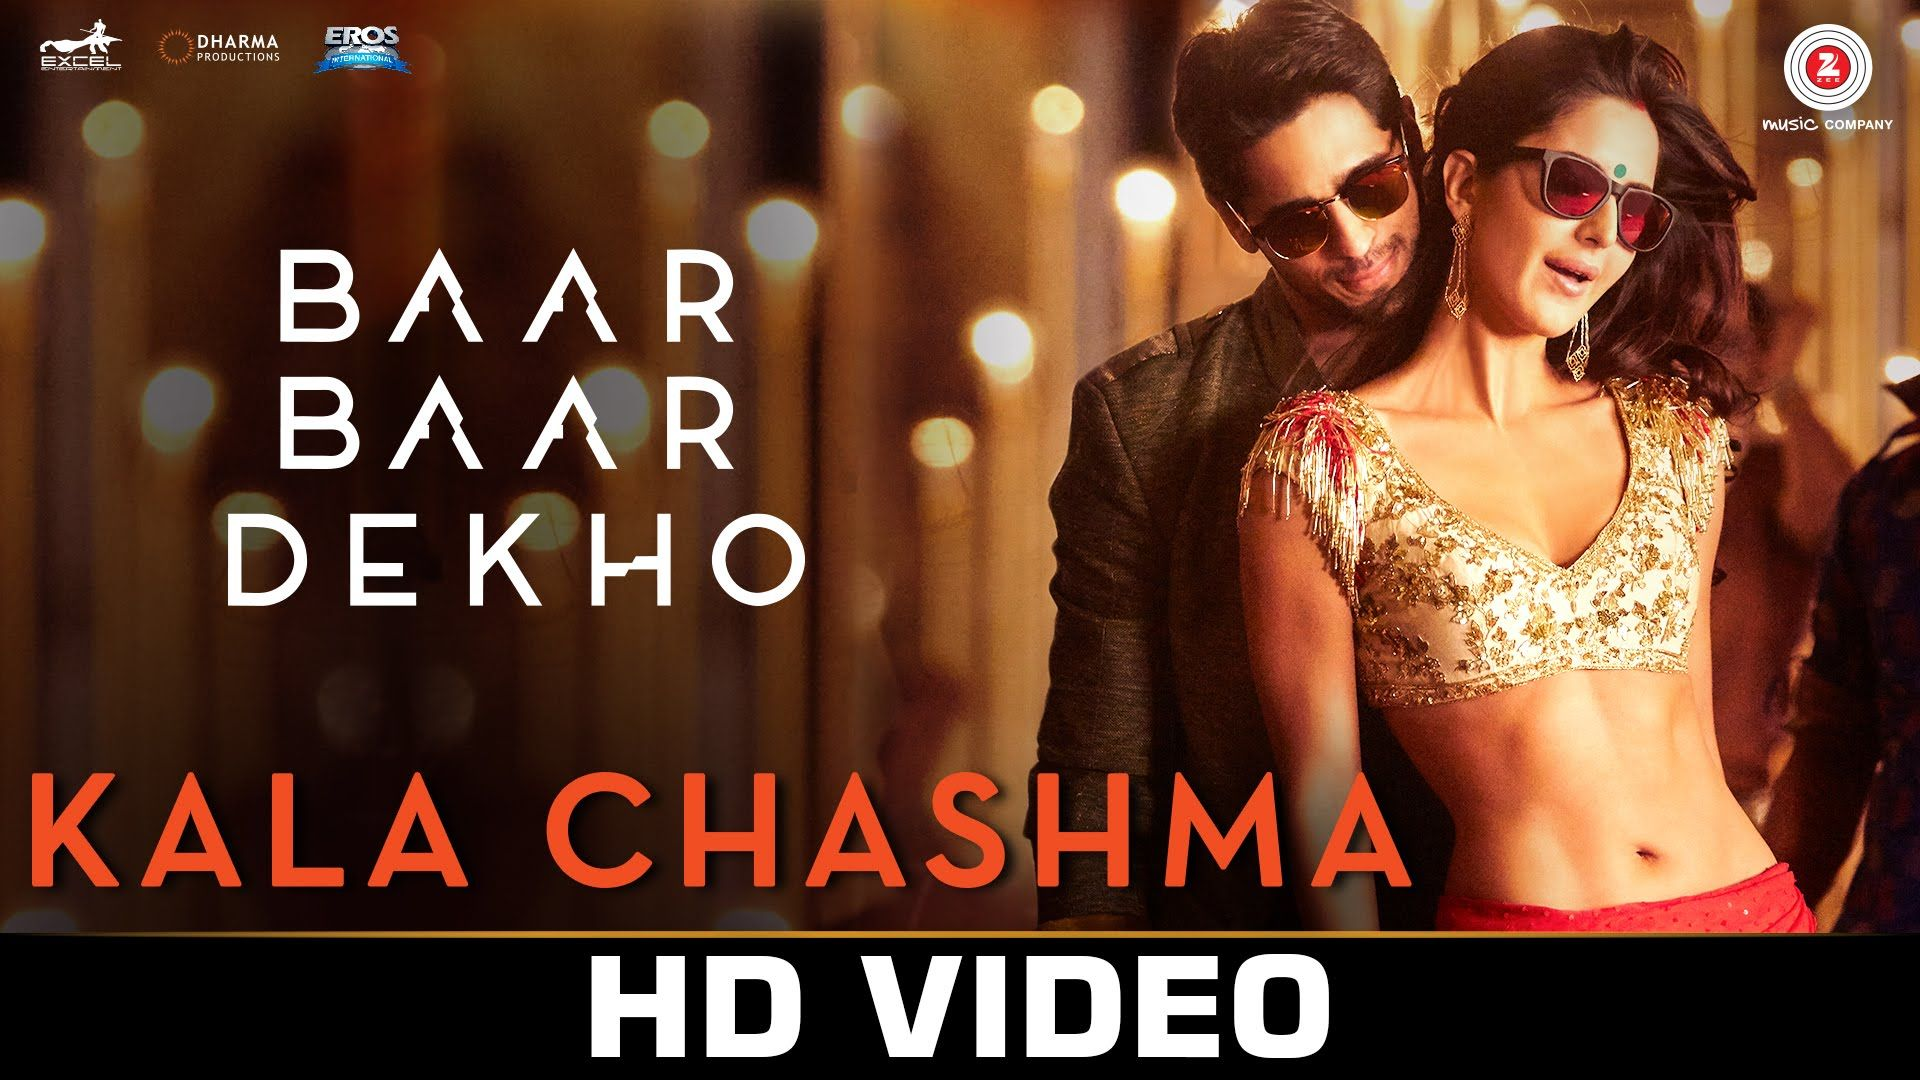 Kala Chashma Baar Baar Dekho 2016 In Mp4 Hd Normal And 3gp Bollywood Video Mirchiwap Updates Bollywood Music Videos Baar Baar Dekho Indian Video So